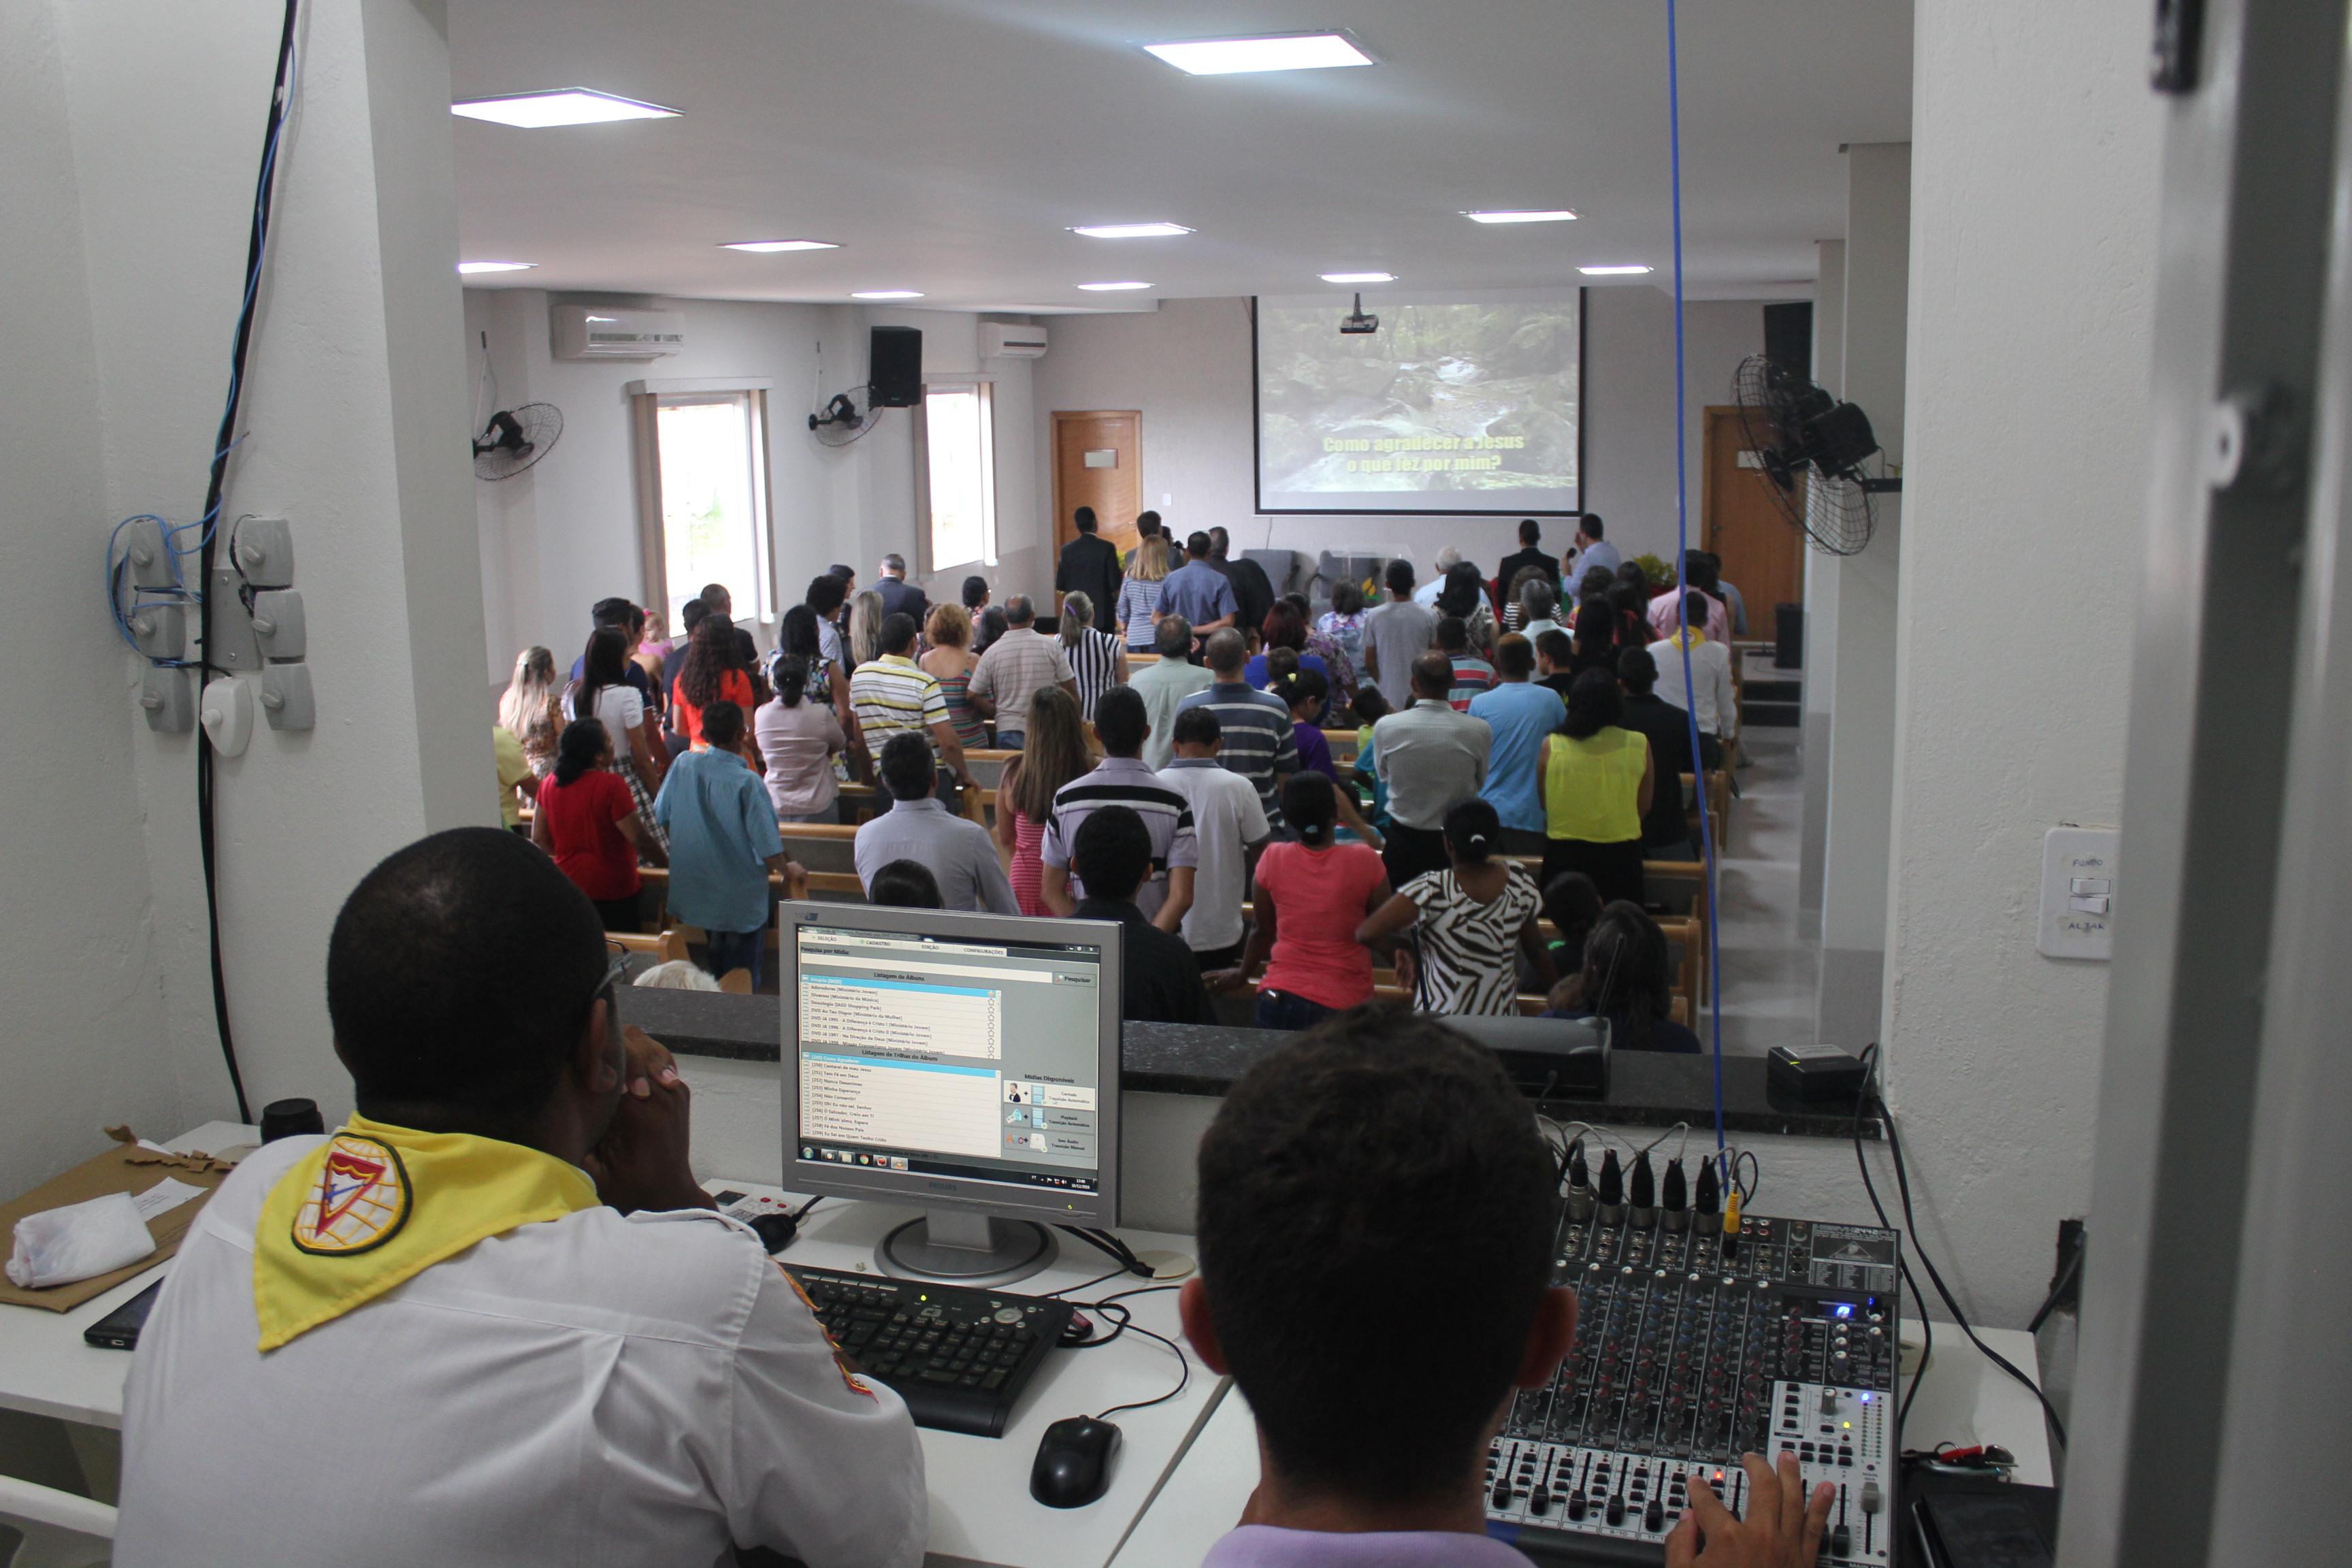 Templo inaugurado no sábado (10) tem capacidade para acomodar 140 pessoas (Foto: Tiago Rodrigues)